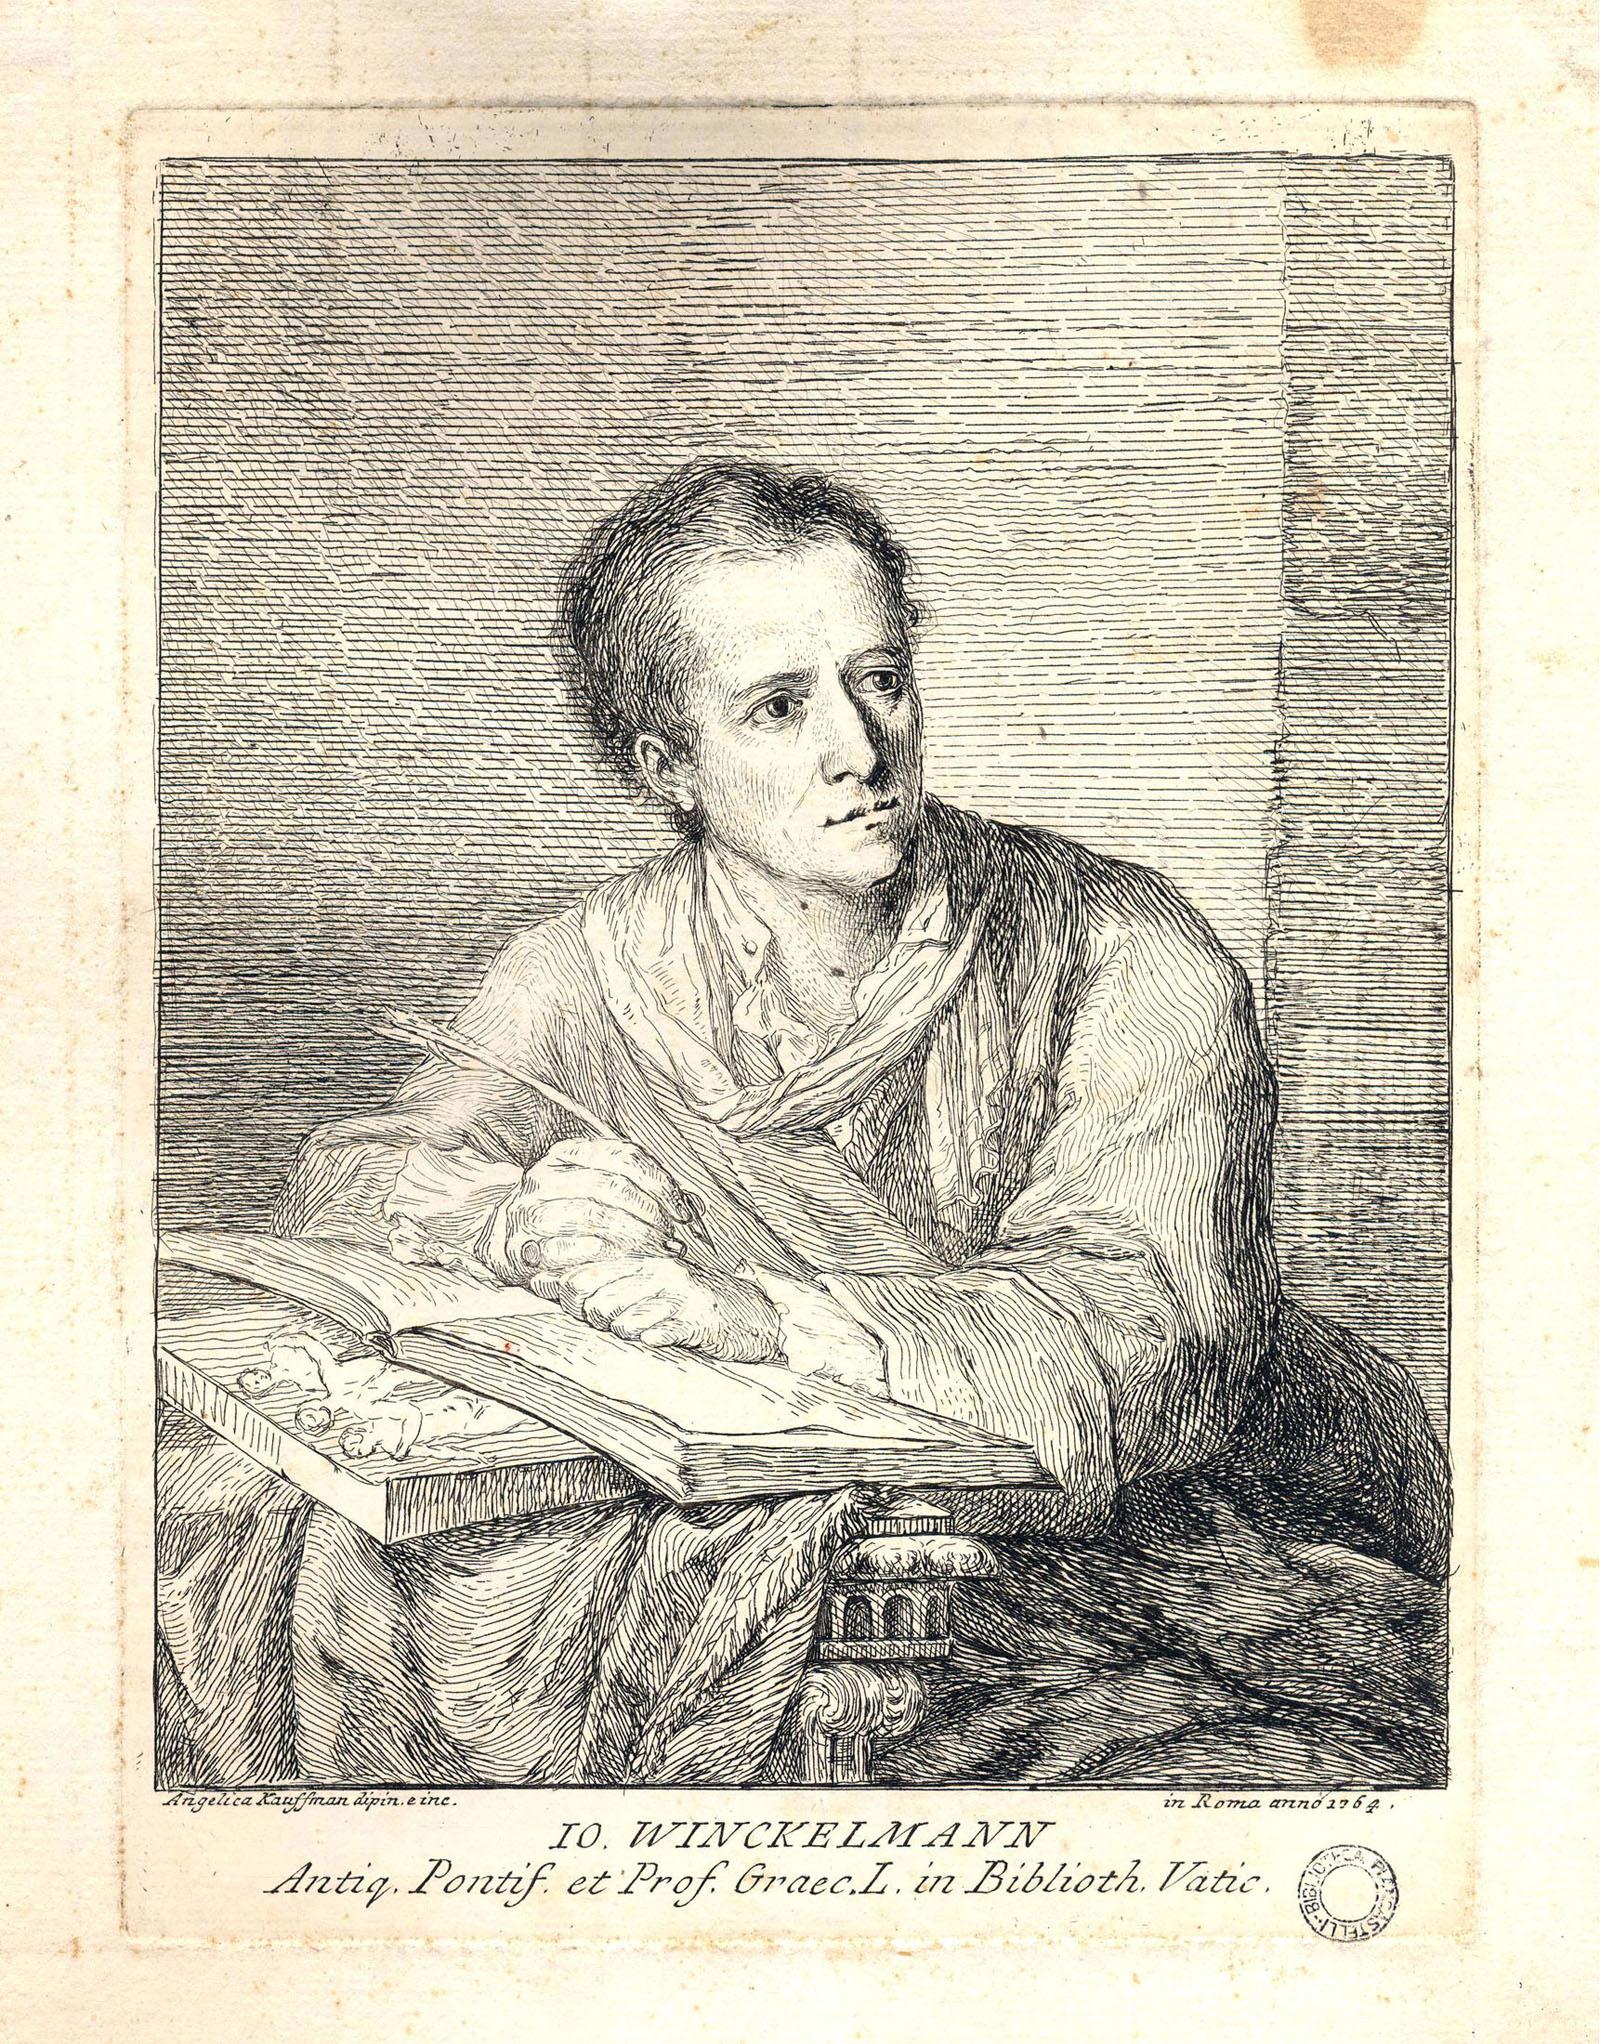 """Angelica Kaufmann, """"Ritratto di J. J. Winckelmann"""" ripreso dal dipinto della stessa Angelica Kaufmann, 1764, incisione all'acquaforte, 25,5 x 19,3 cm - Raccolta Piancastelli, Biblioteca Comunale """"A. Saffi"""", Forlì"""